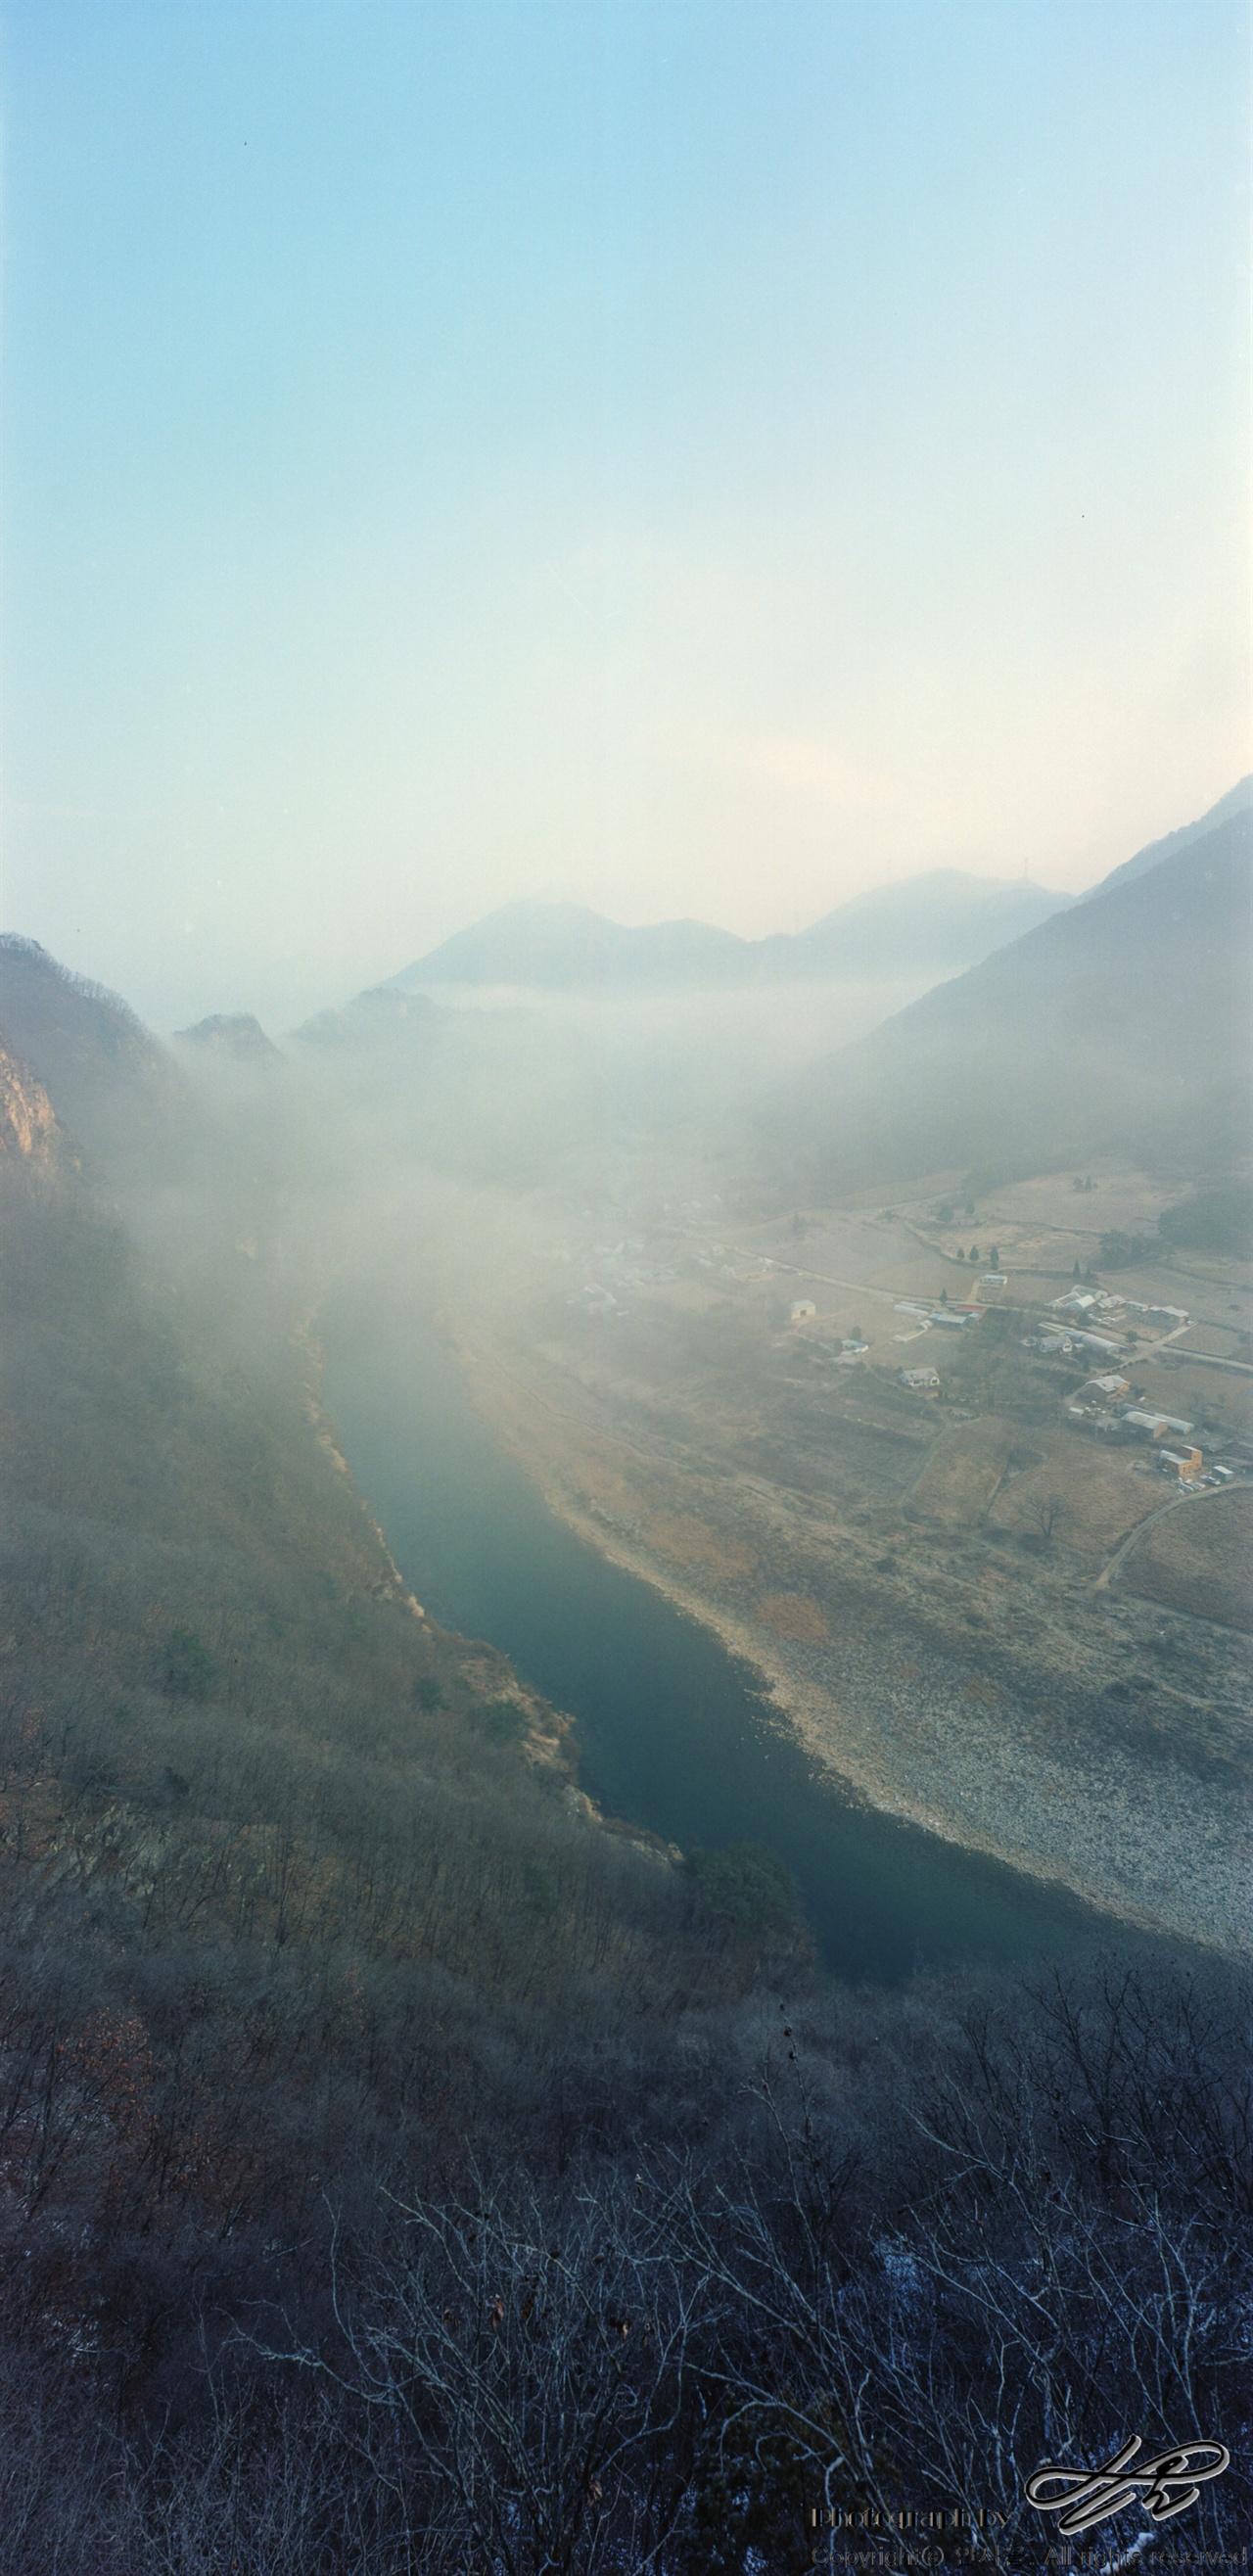 수리봉 전망대에서 바라본 동강 오른쪽으로 보이는 마을이 귤암리이고 왼쪽의 비탈이 수리봉이다. 높지는 않지만 양 옆의 경사와 조망 덕에 고도로 인한 스릴를 꽤 느낄 수 있다.(Portra400)